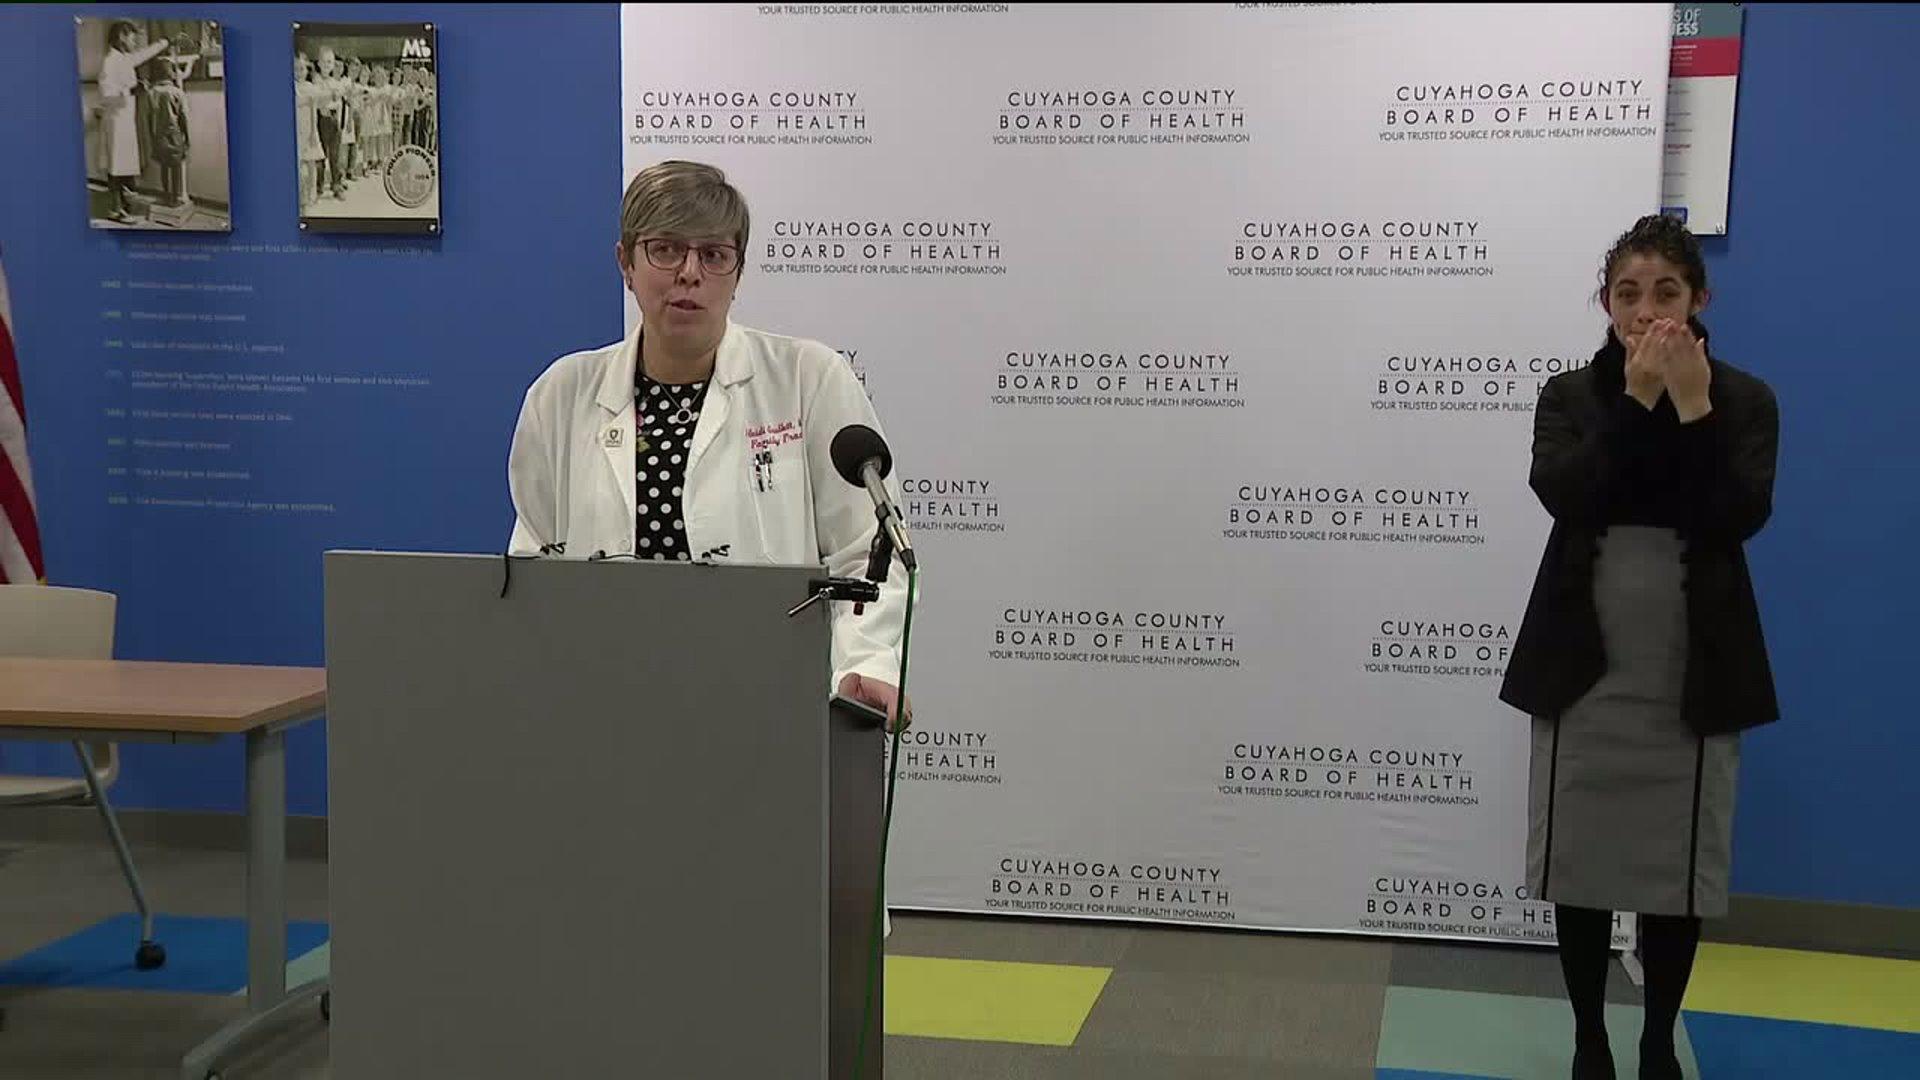 Dr. Heidi Gullett